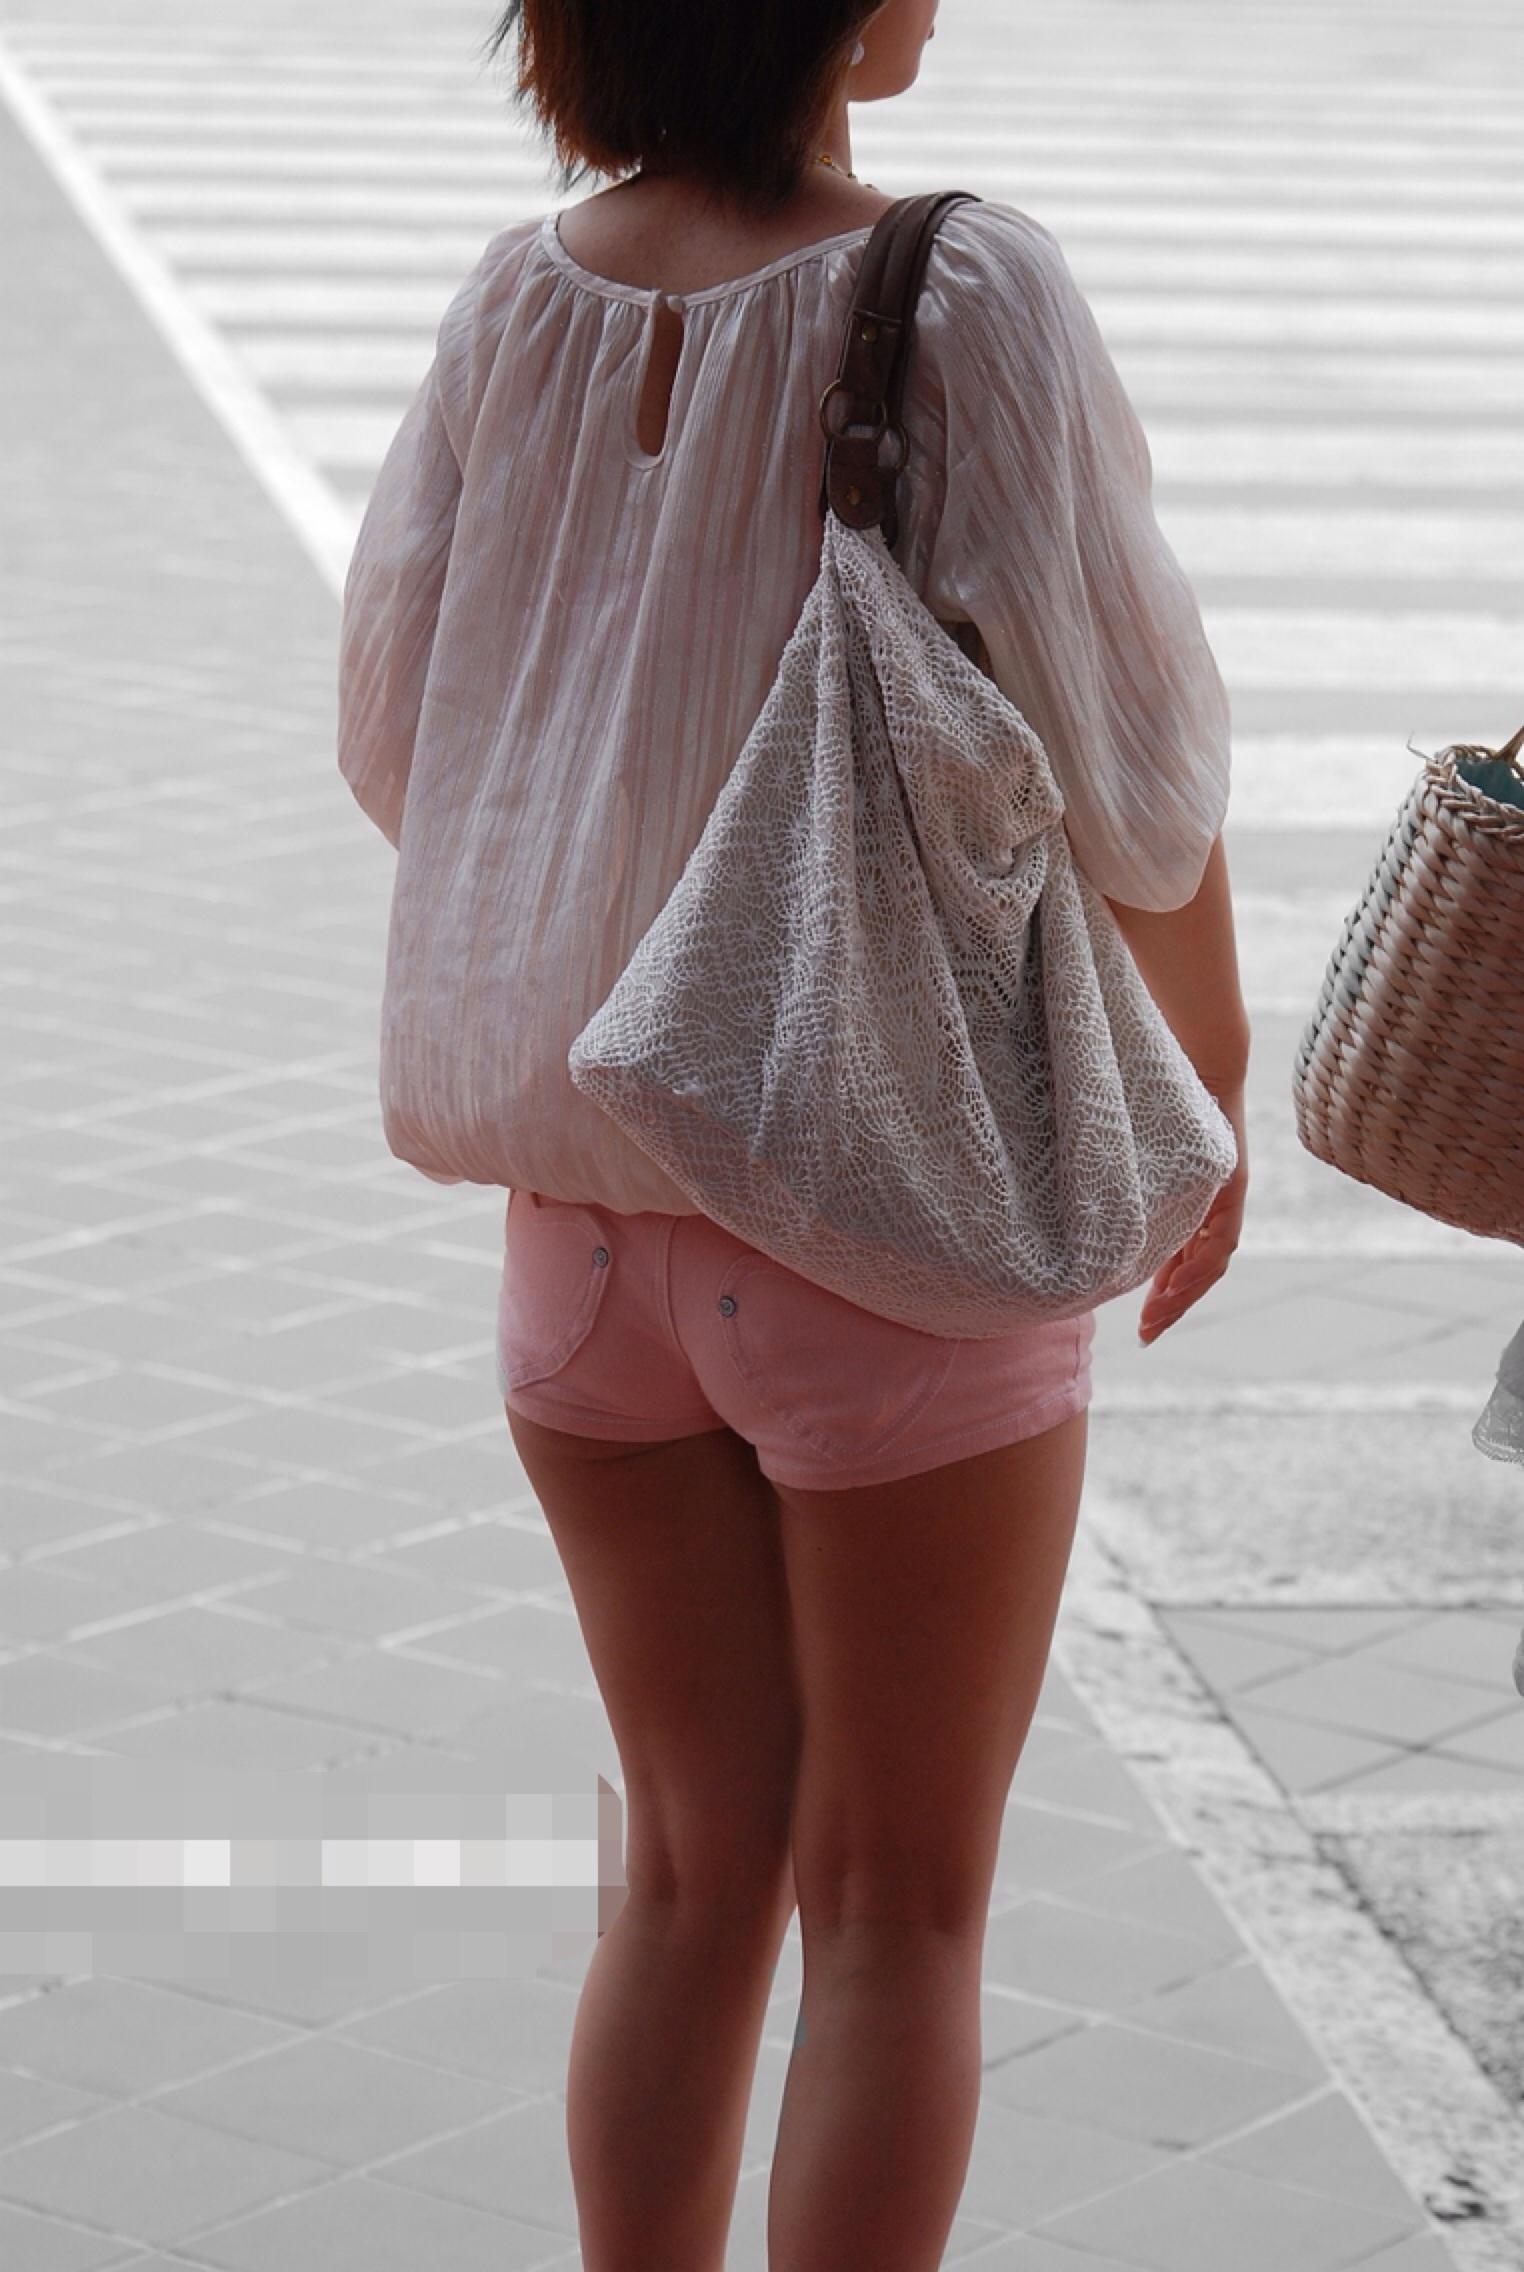 【美脚エロ画像】暑くても密着したい太ももw街の美味しそうな美脚追っかけwww 30